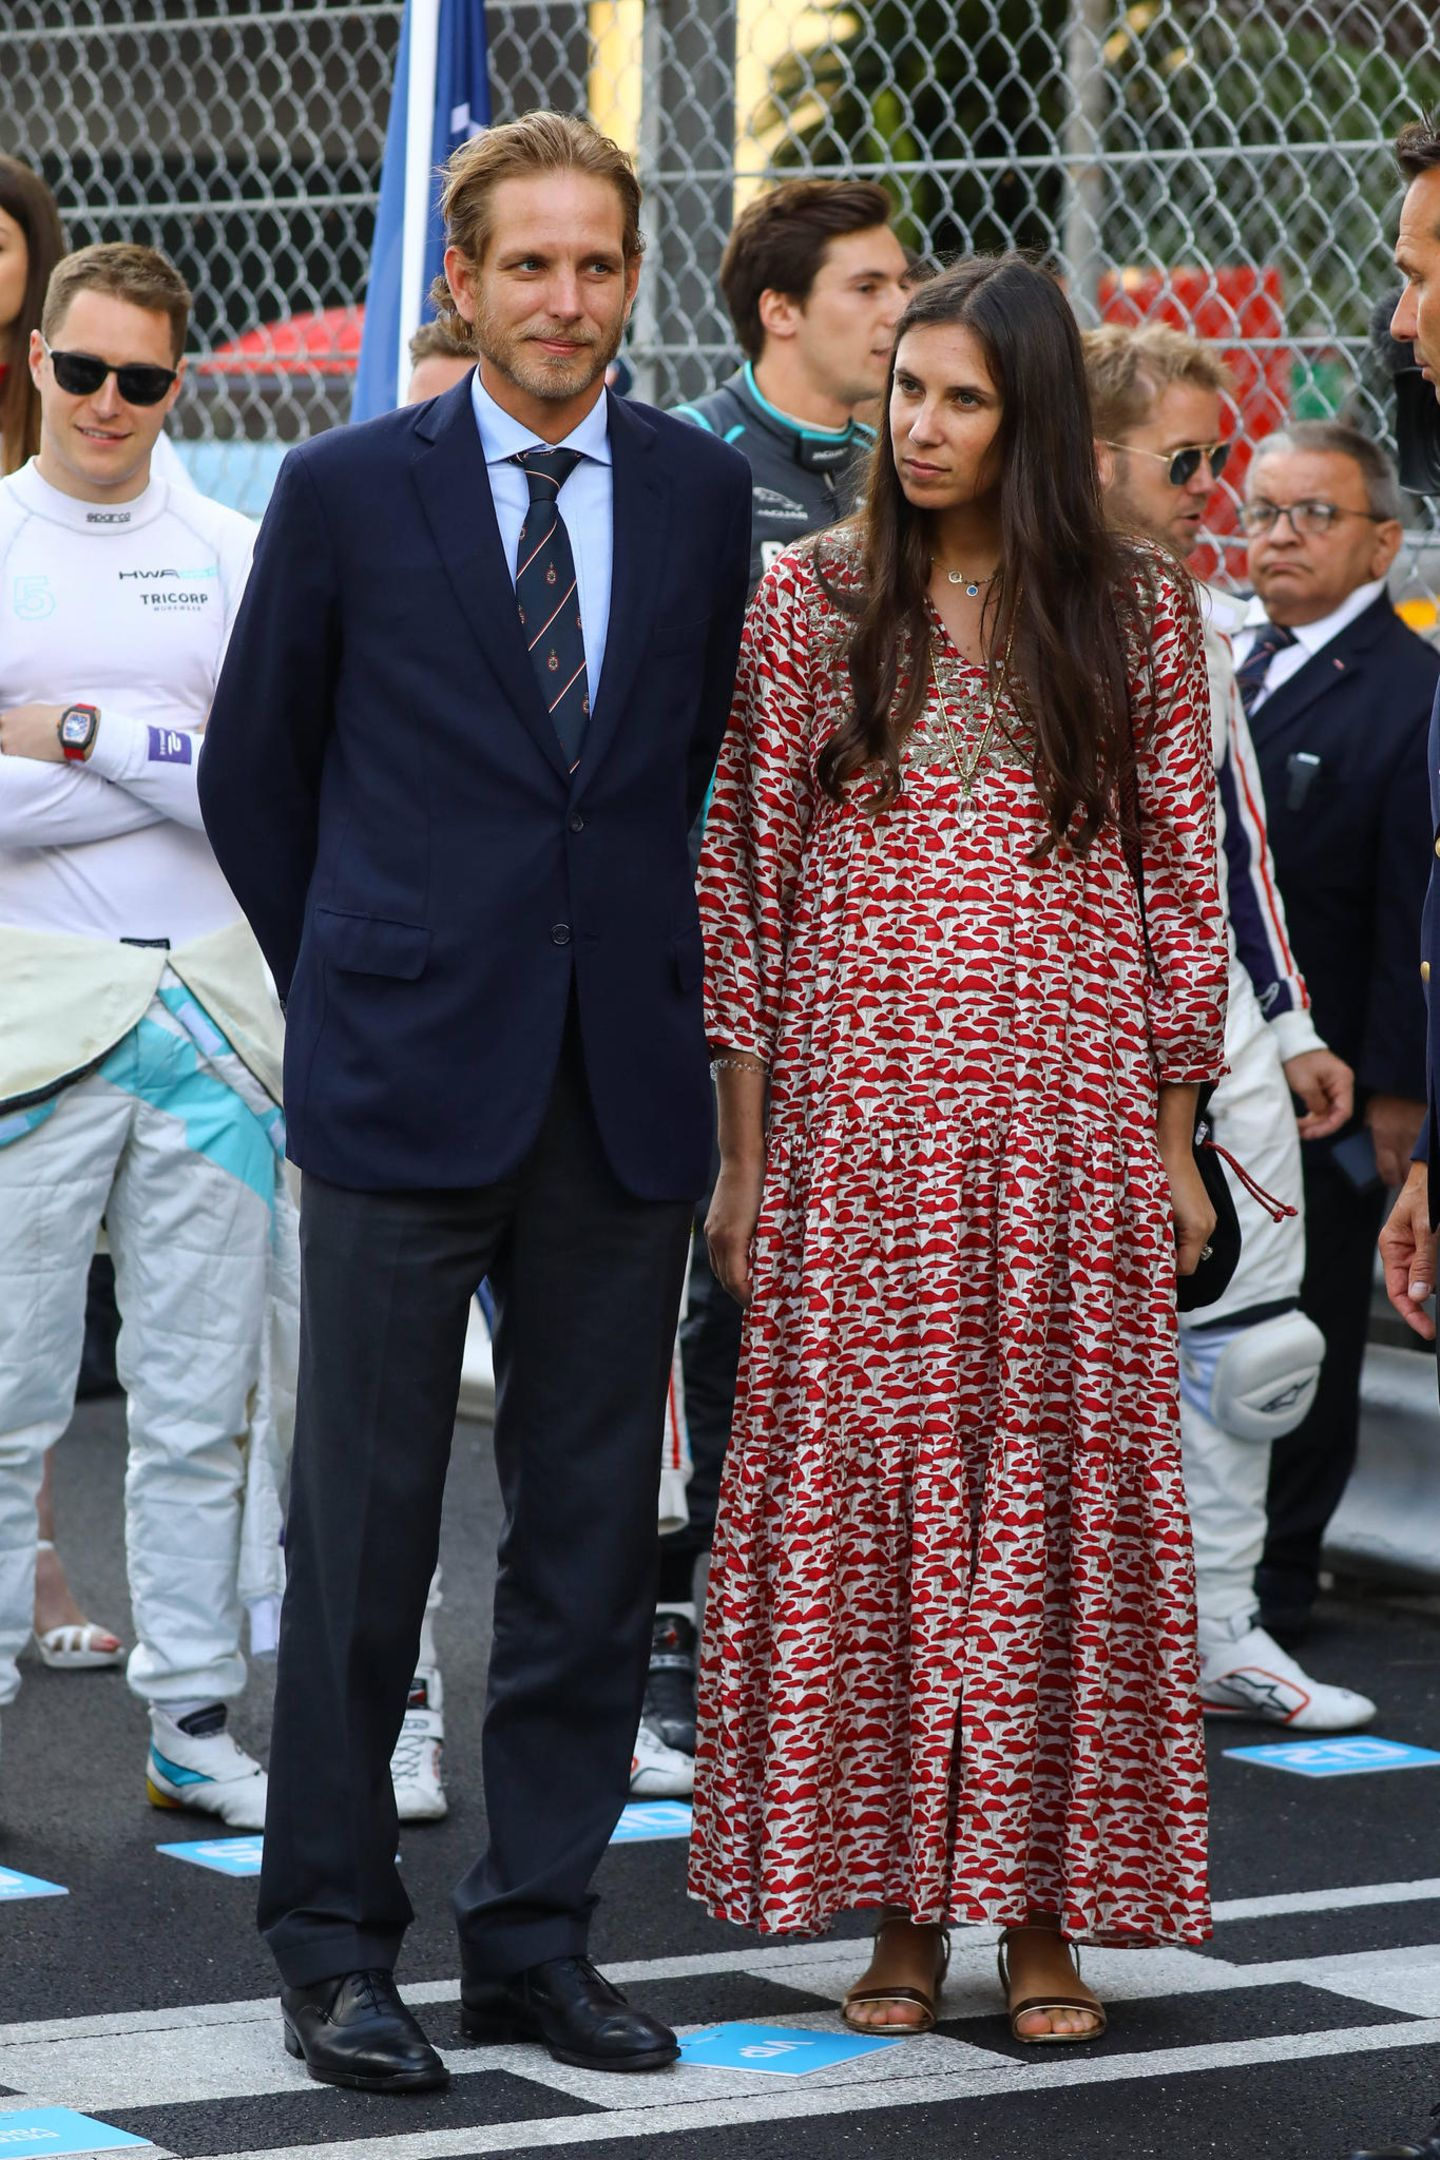 Mit ihrem knöchellangen, locker fallenden Kleid, das ein Fliegenpilzmuster ziert,und einer langen Kette unterstreicht Tatiana Santo Domingo den zarten Hippie-Look.